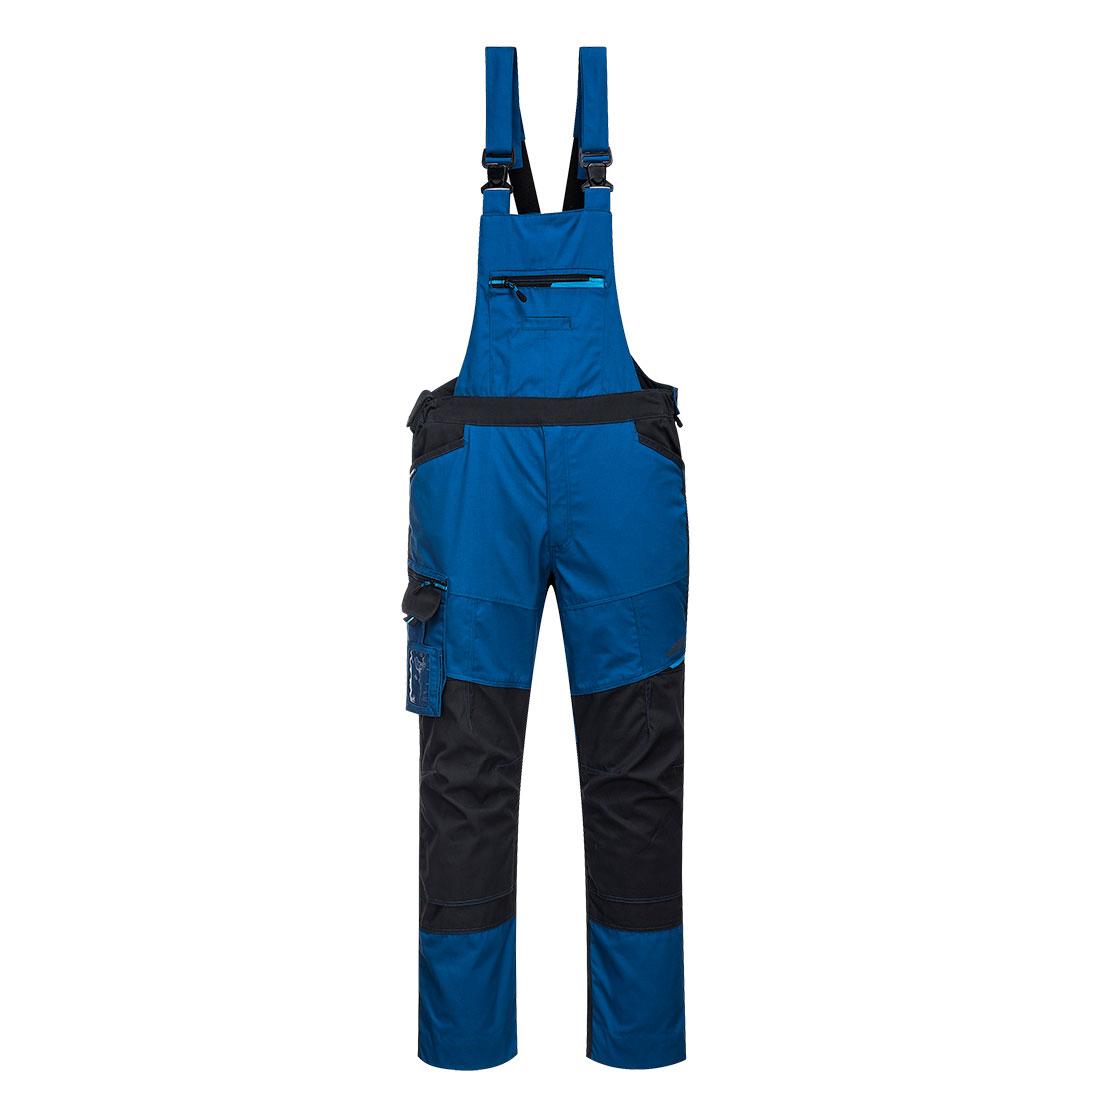 WX3 Bib & Brace Persian Blue XXLR